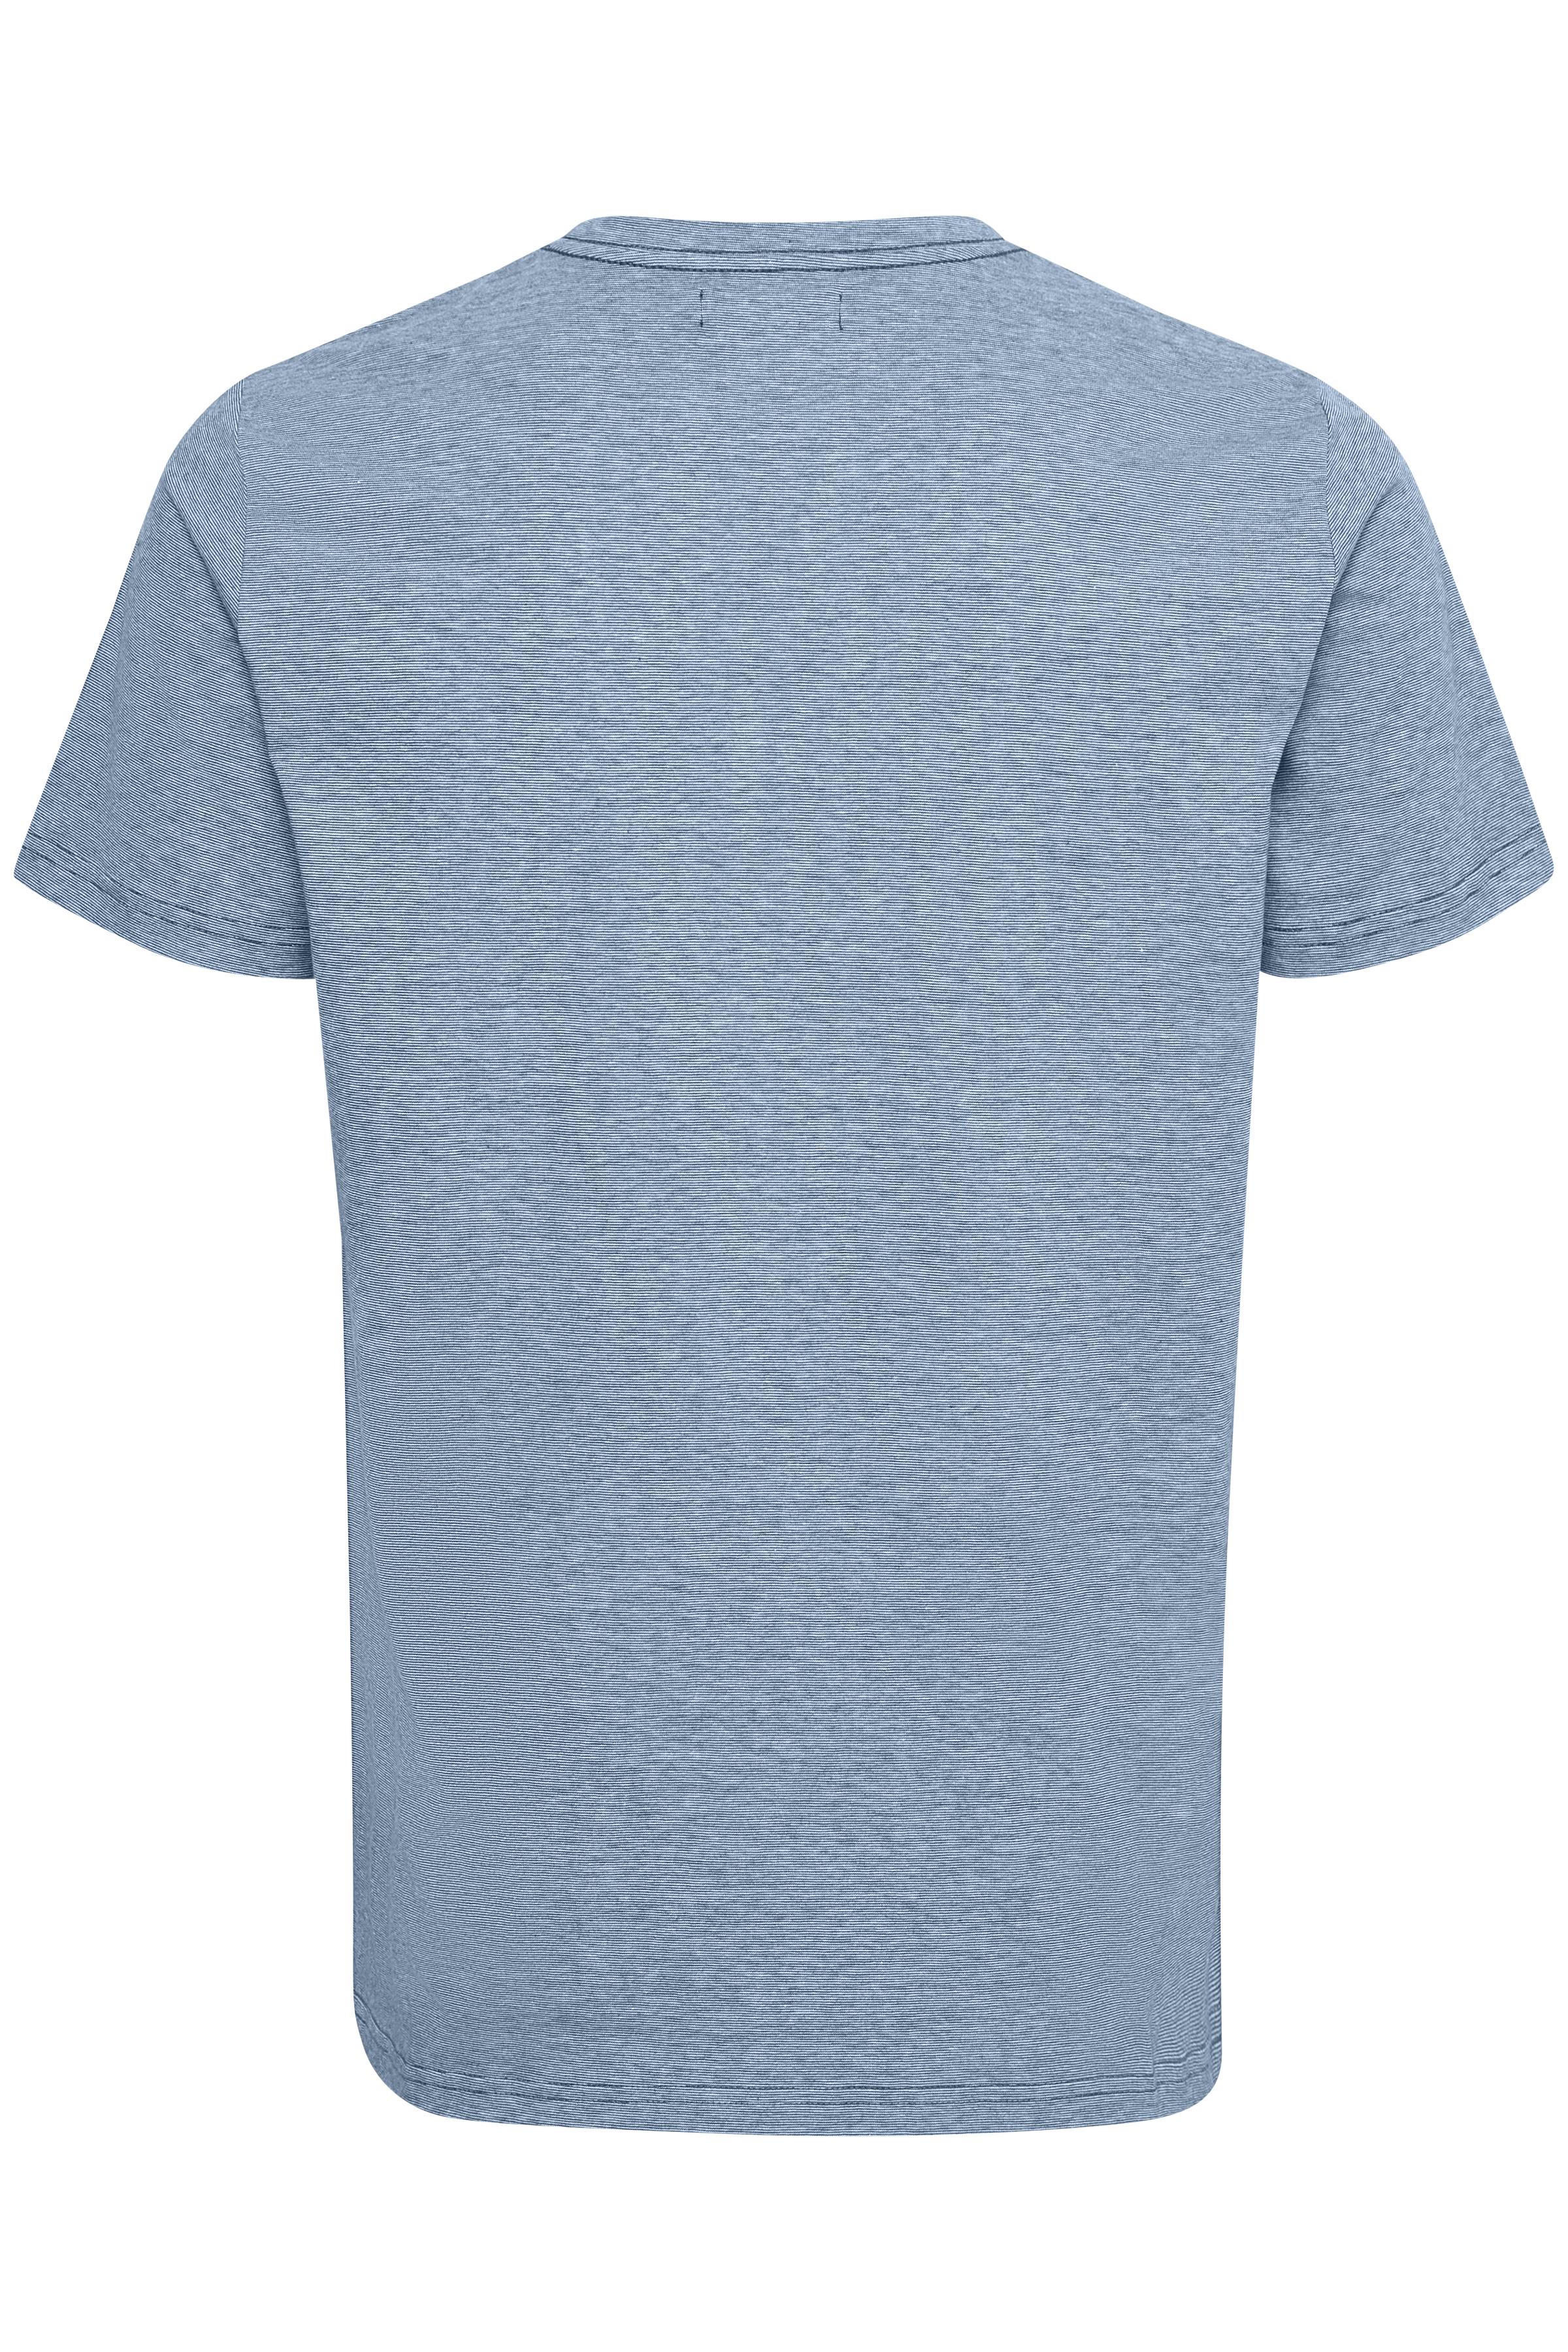 Sharp Blue Jermane T-shirt – Køb Sharp Blue Jermane T-shirt fra str. S-XXL her